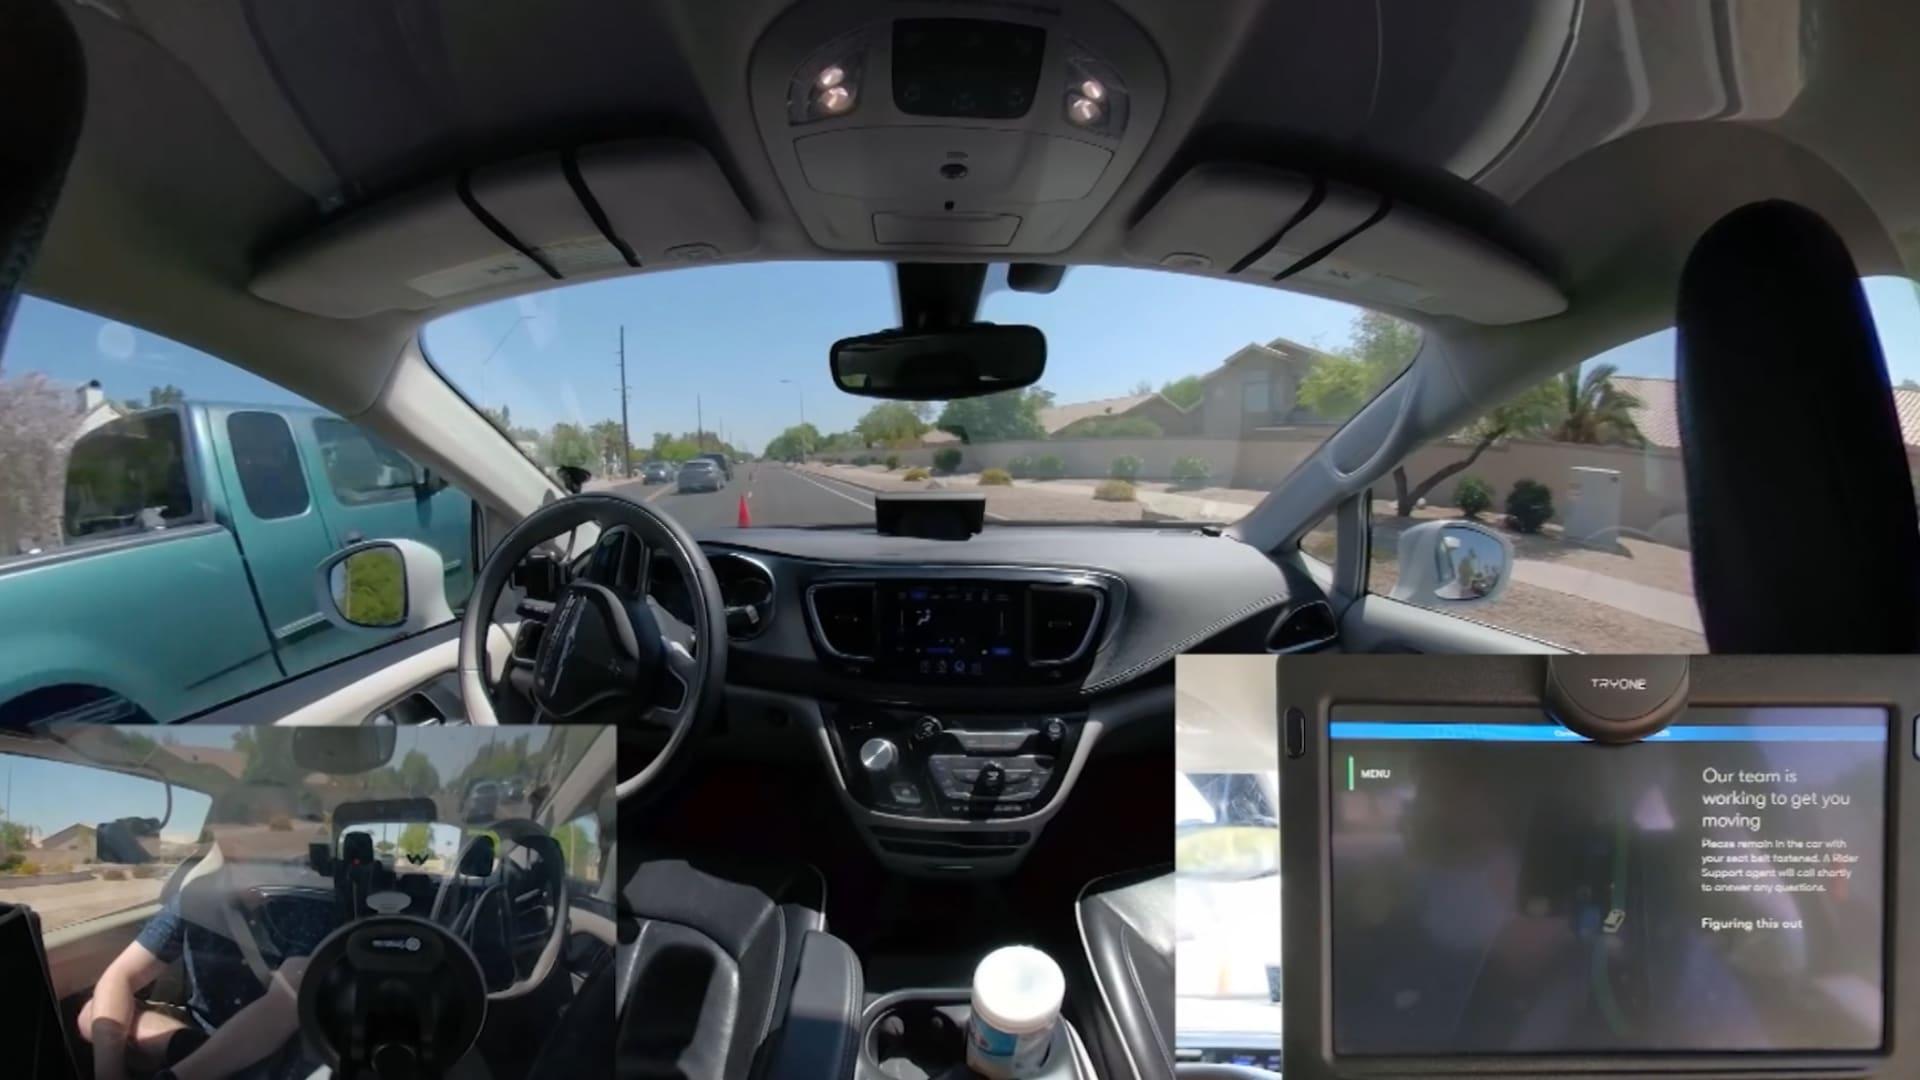 سيارة أجرة ذاتية القيادة ترفض تلقي الإرشادات.. إليكم ما حصل مع راكبها